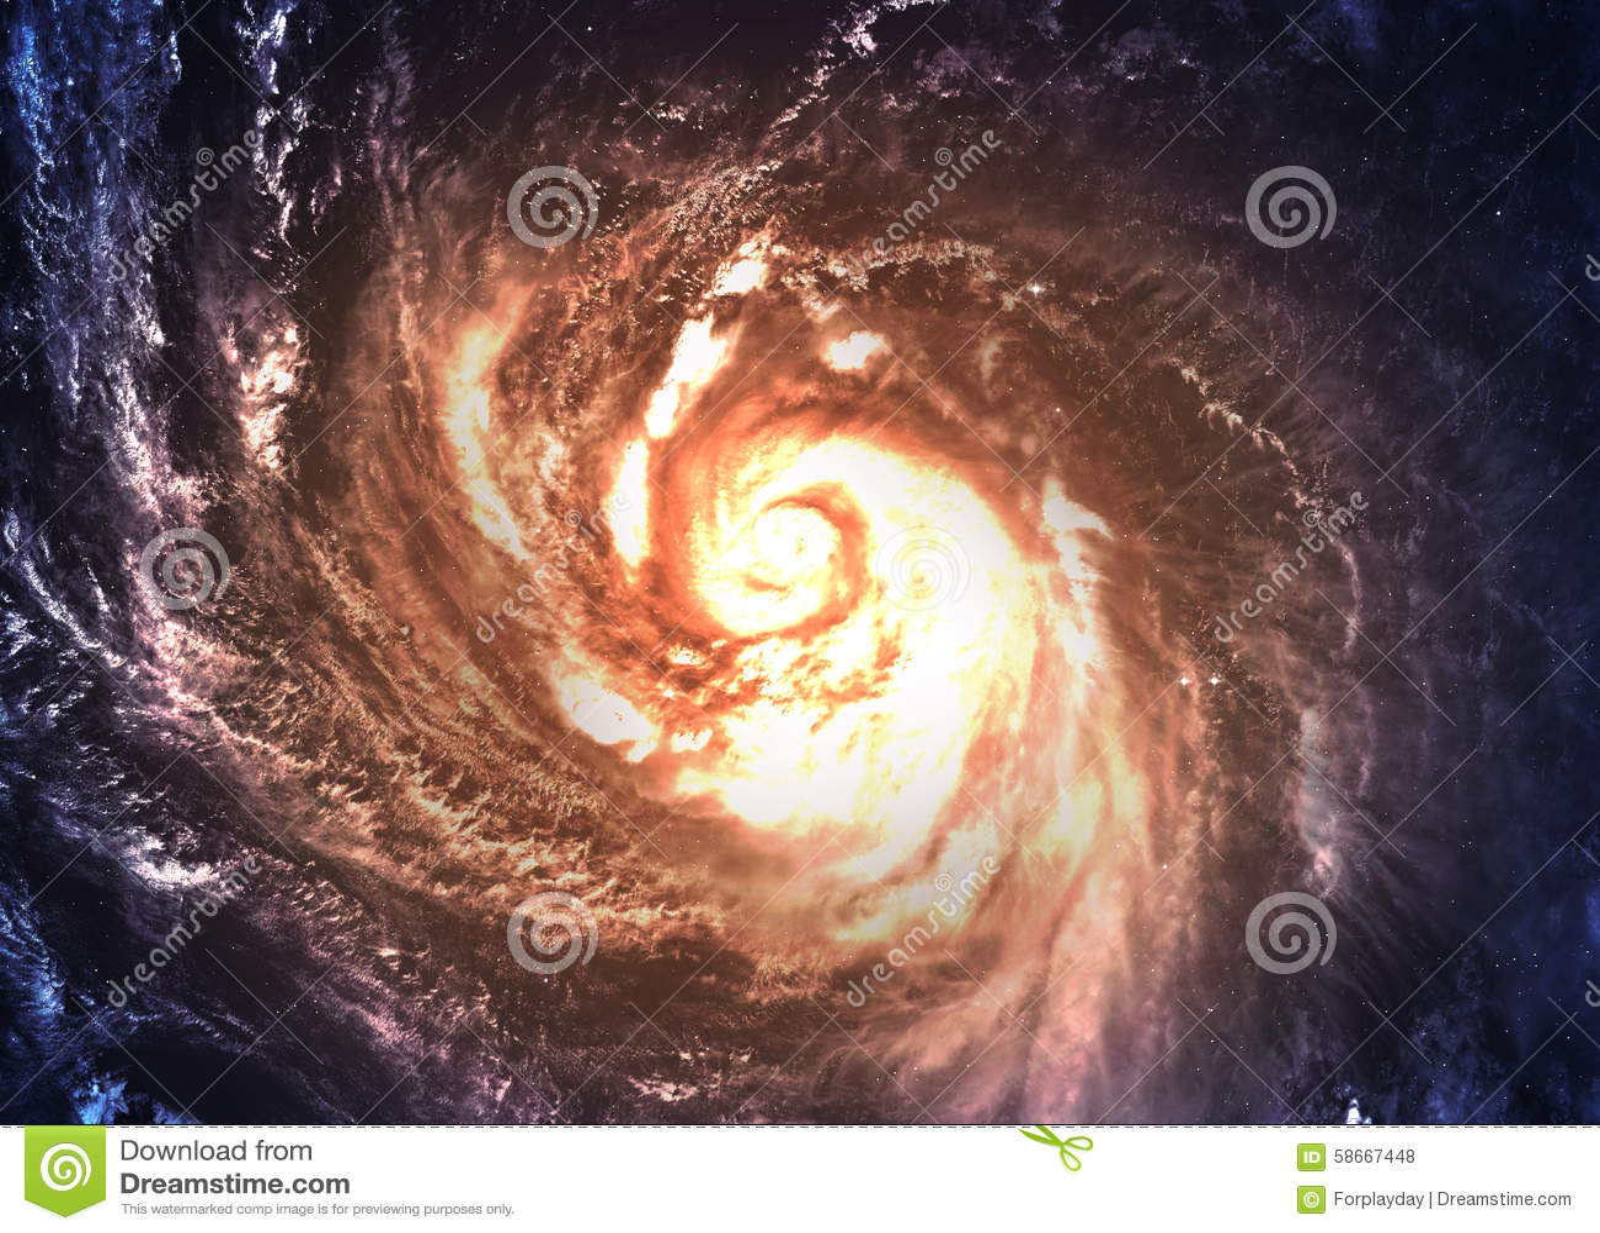 Galassia a spirale incredibilmente bella da qualche parte dentro